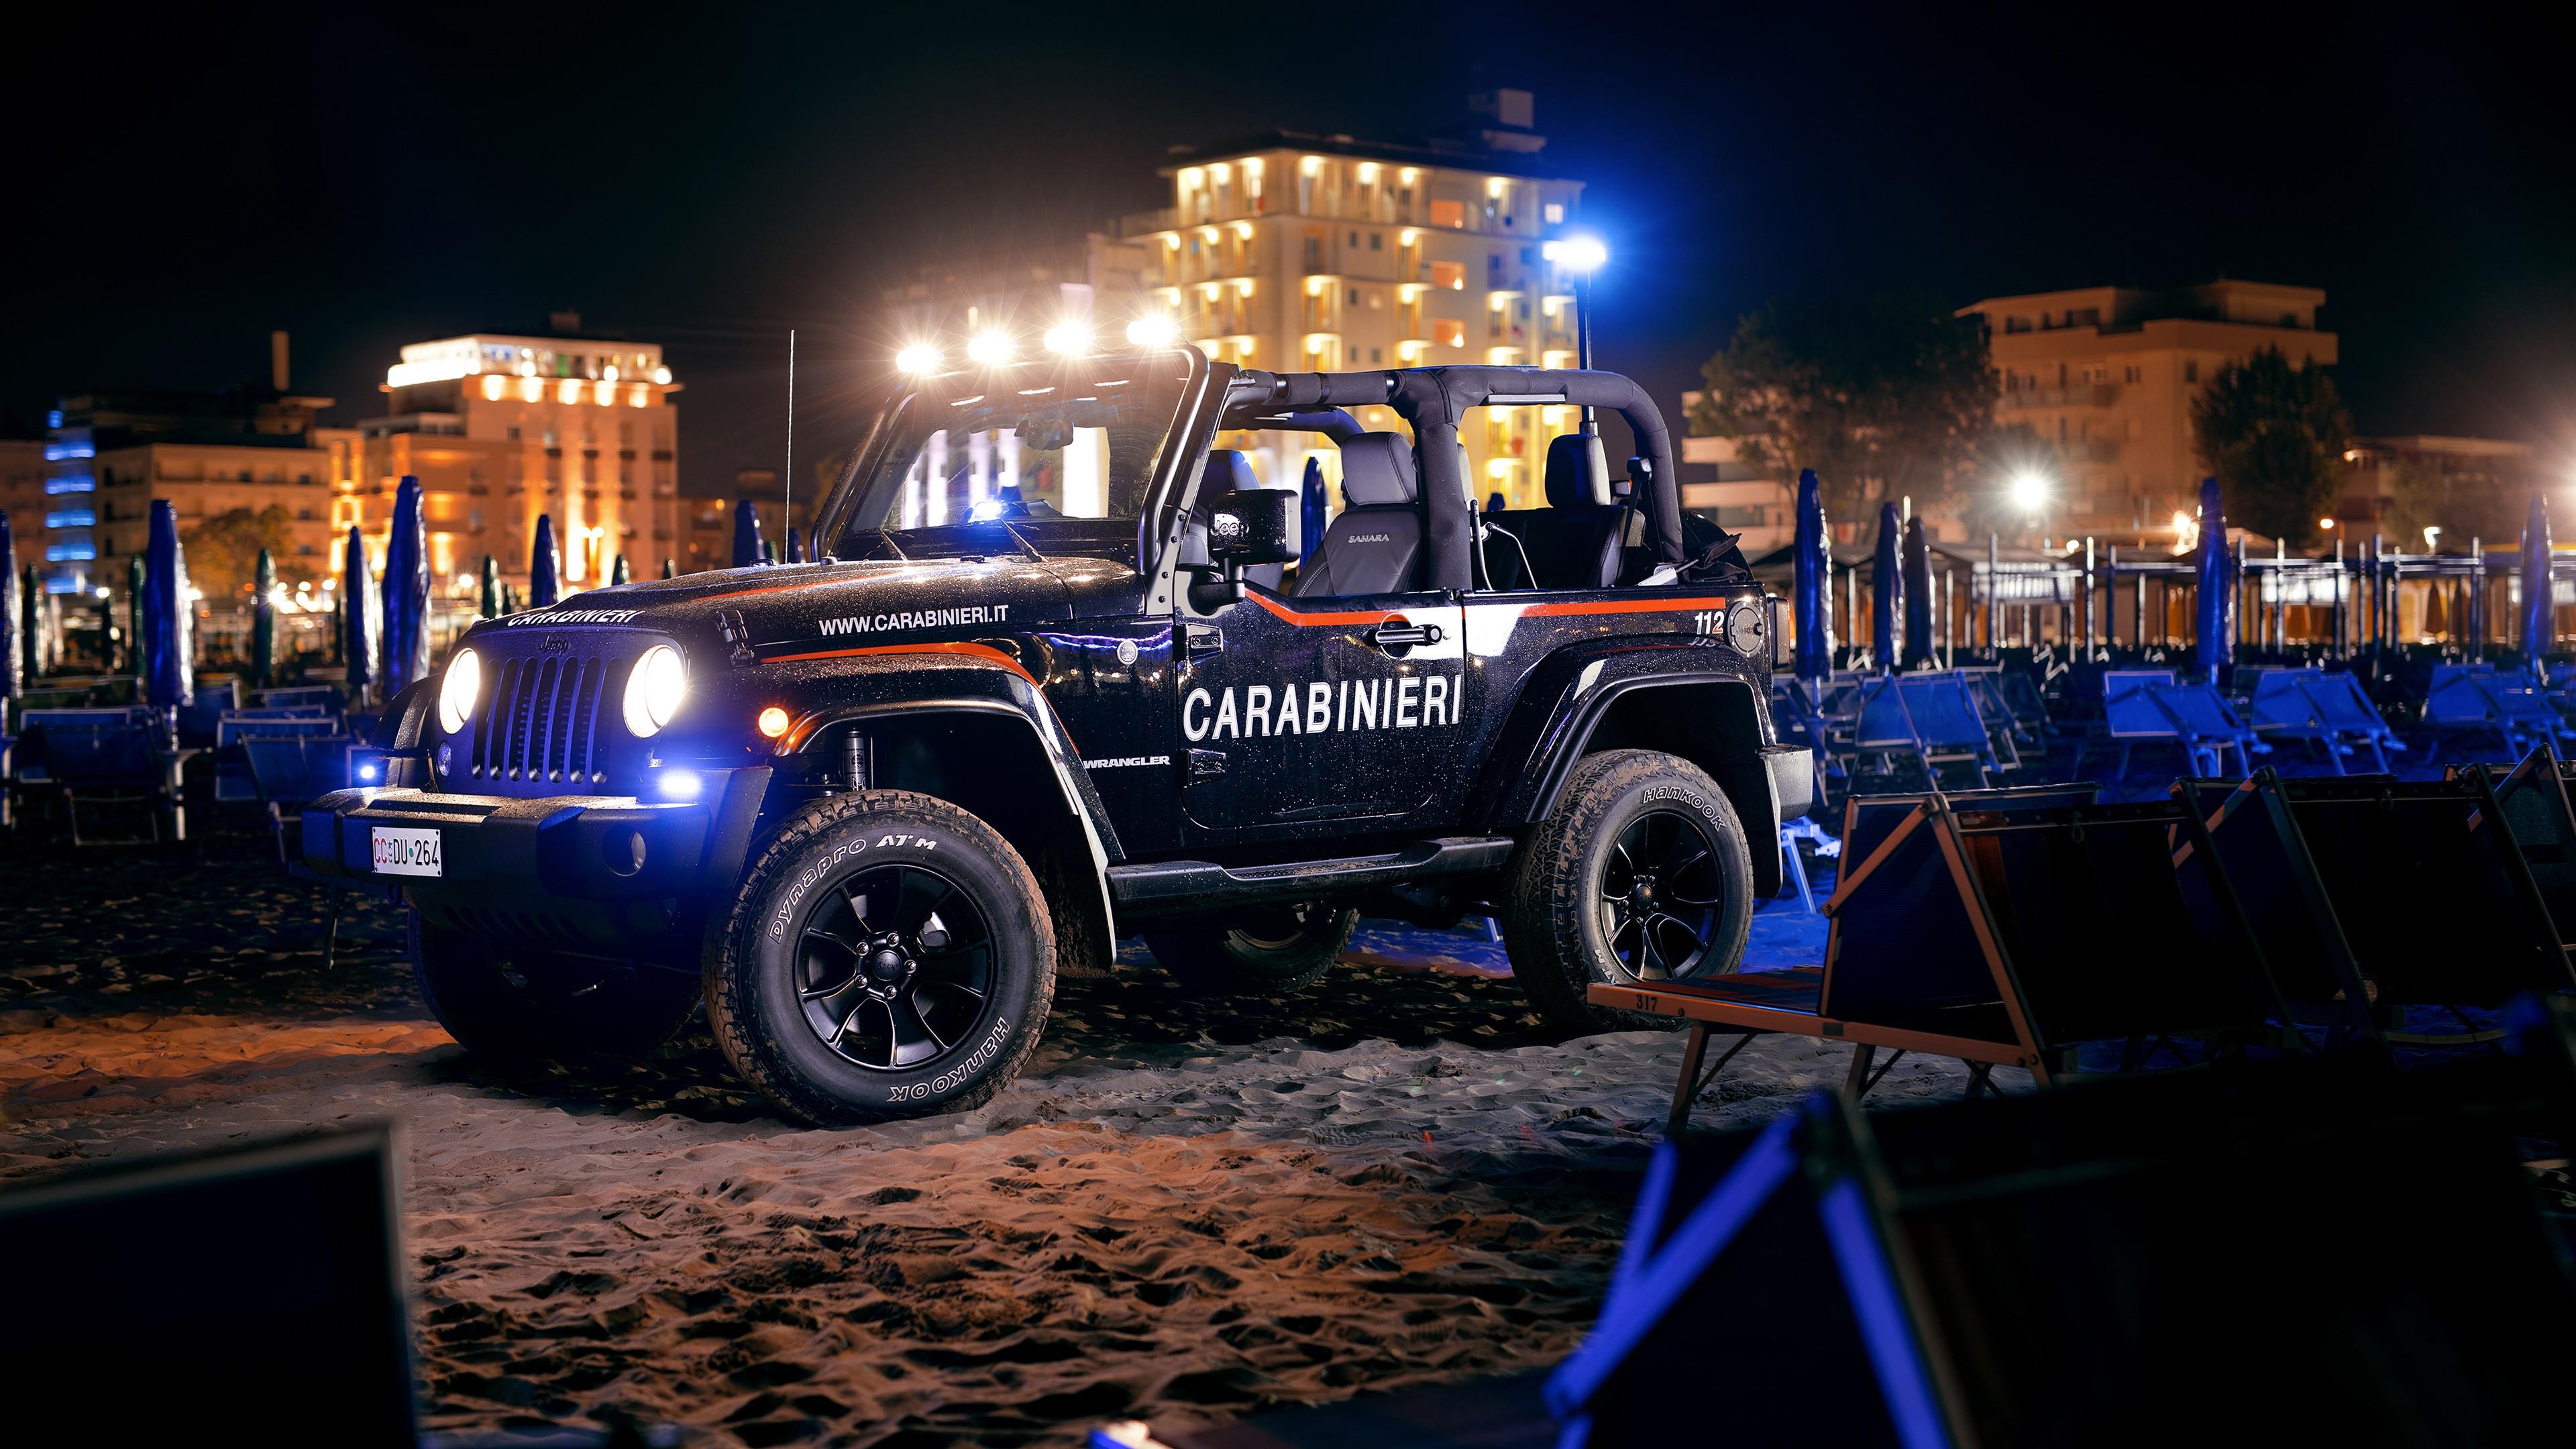 Jeep Wrangler Carabinieri 4k Wallpaper Hd Car Wallpapers